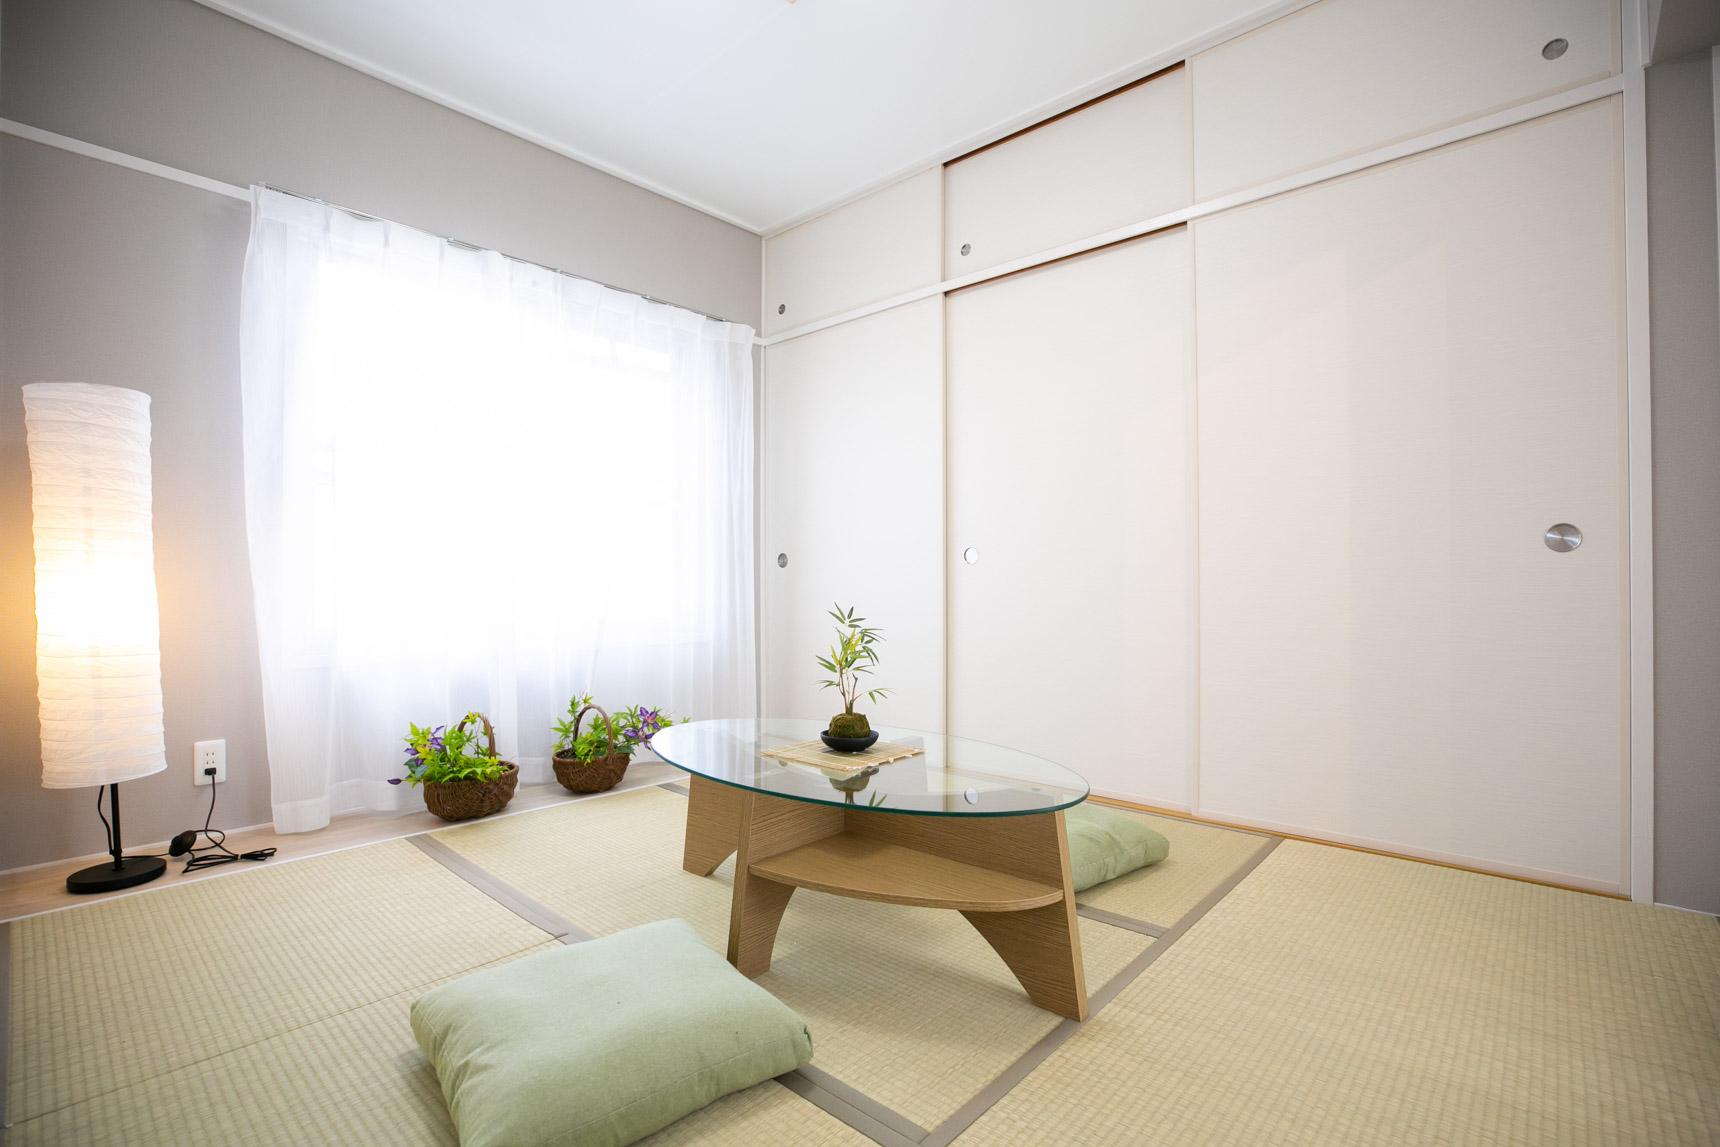 和室のお部屋も、襖や畳の縁の色、壁紙を変更することでかなりモダンな印象になっていました。お布団はもちろん、これならベッドやソファなど洋風のインテリアも合わせられそうです。